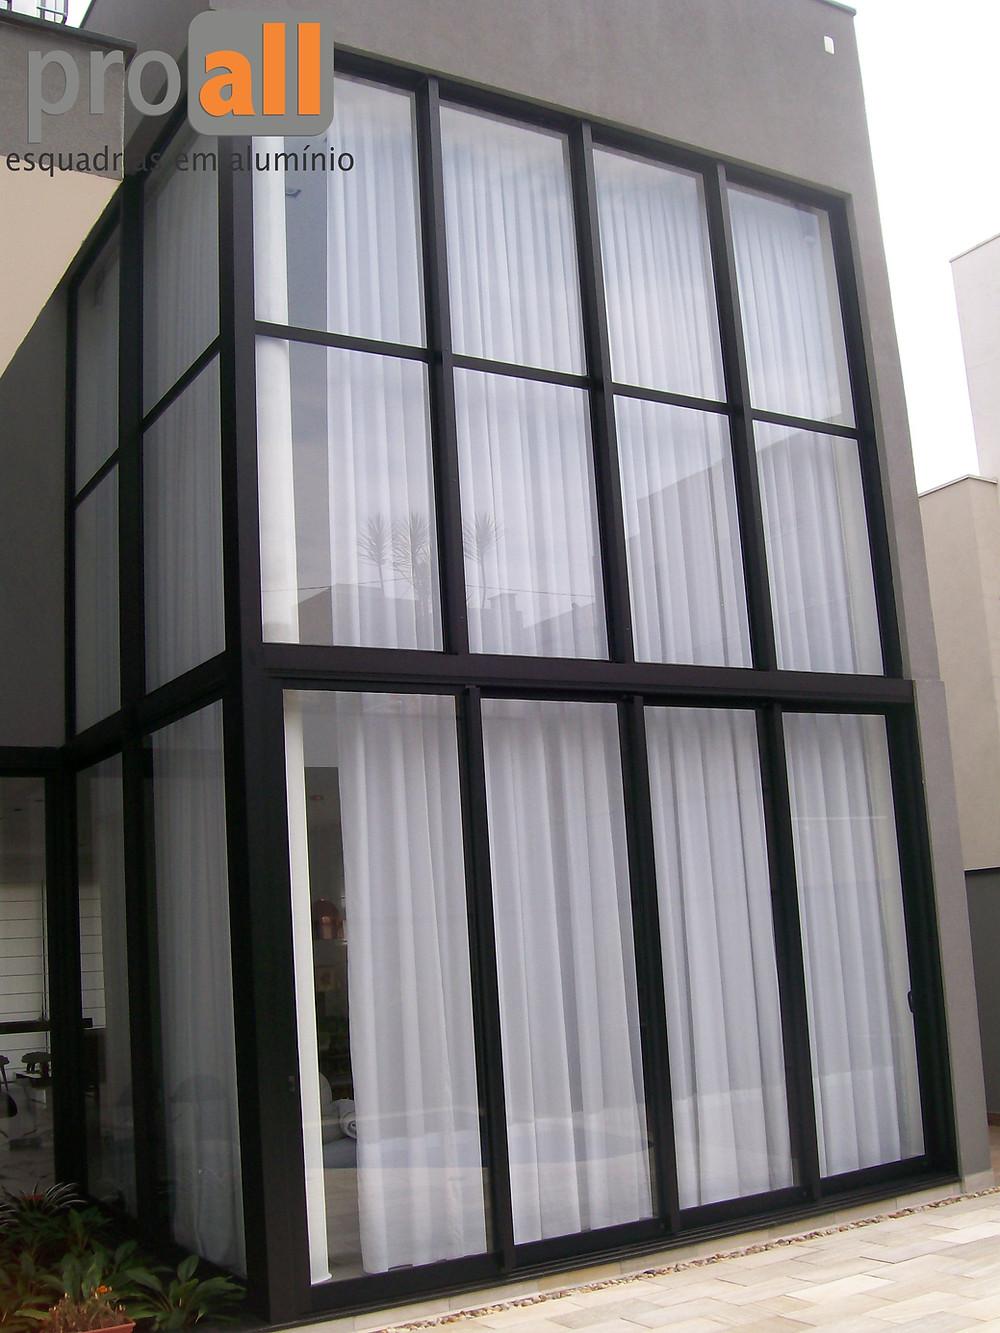 proall esquadrias em alumínio, Esquadrias em Jundiaí, fachada de vidro